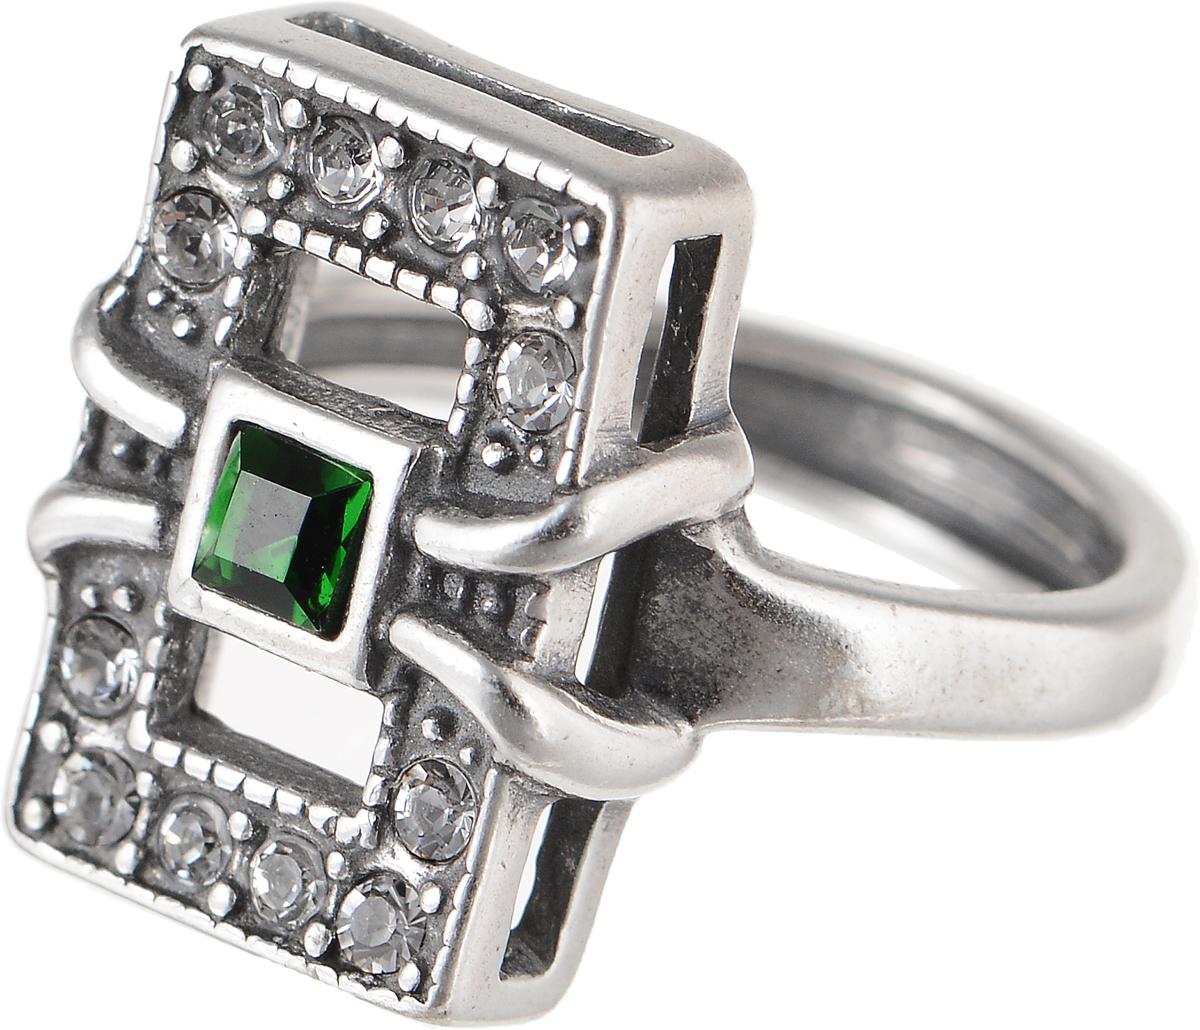 Кольцо Jenavi Изумрудные мечты. Риголит, цвет: серебряный, зеленый. h8023030. Размер 16Коктейльное кольцоЭлегантное кольцо Jenavi Изумрудные мечты. Риголит изготовлено из гипоаллергенного ювелирного сплава. Декоративная часть оформлена кристаллами Swarovski. Такое стильное кольцо идеально дополнит ваш образ и подчеркнет вашу индивидуальность.